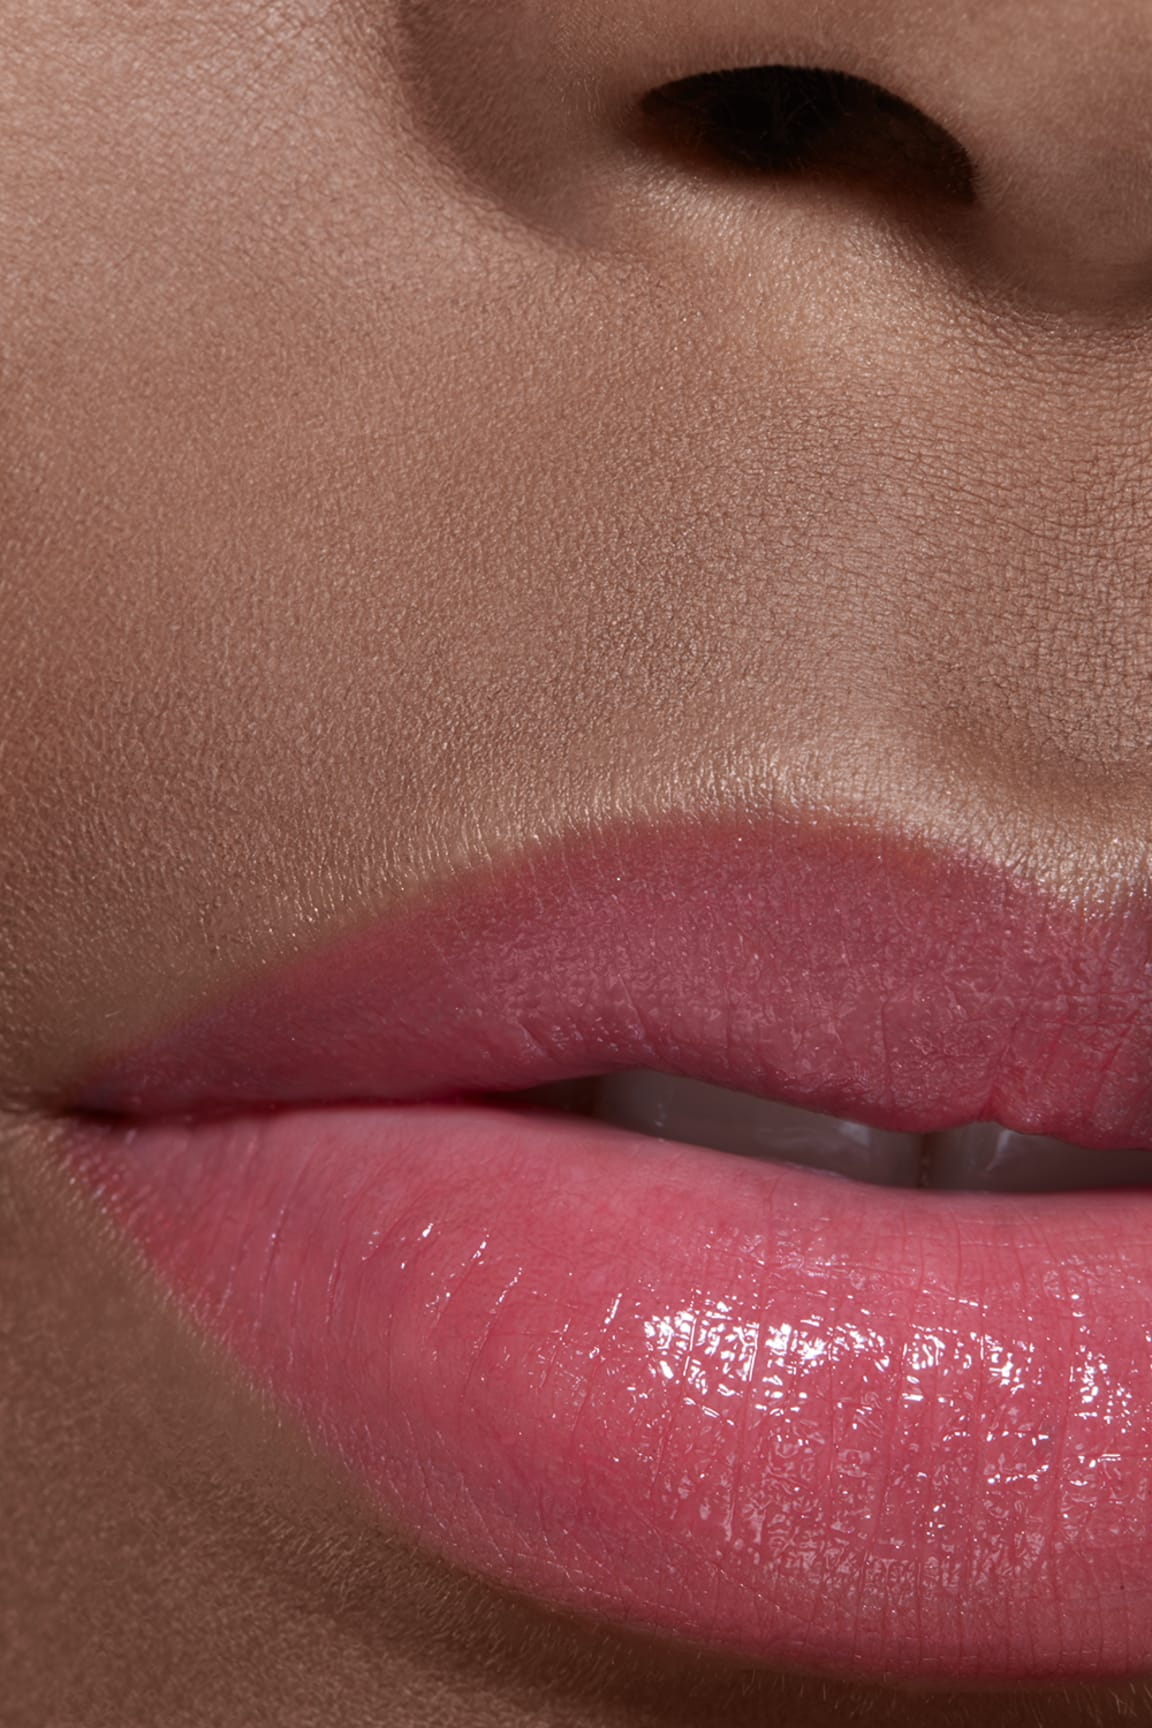 Application makeup visual 2 - LES BEIGES LIP BALM MEDIUM